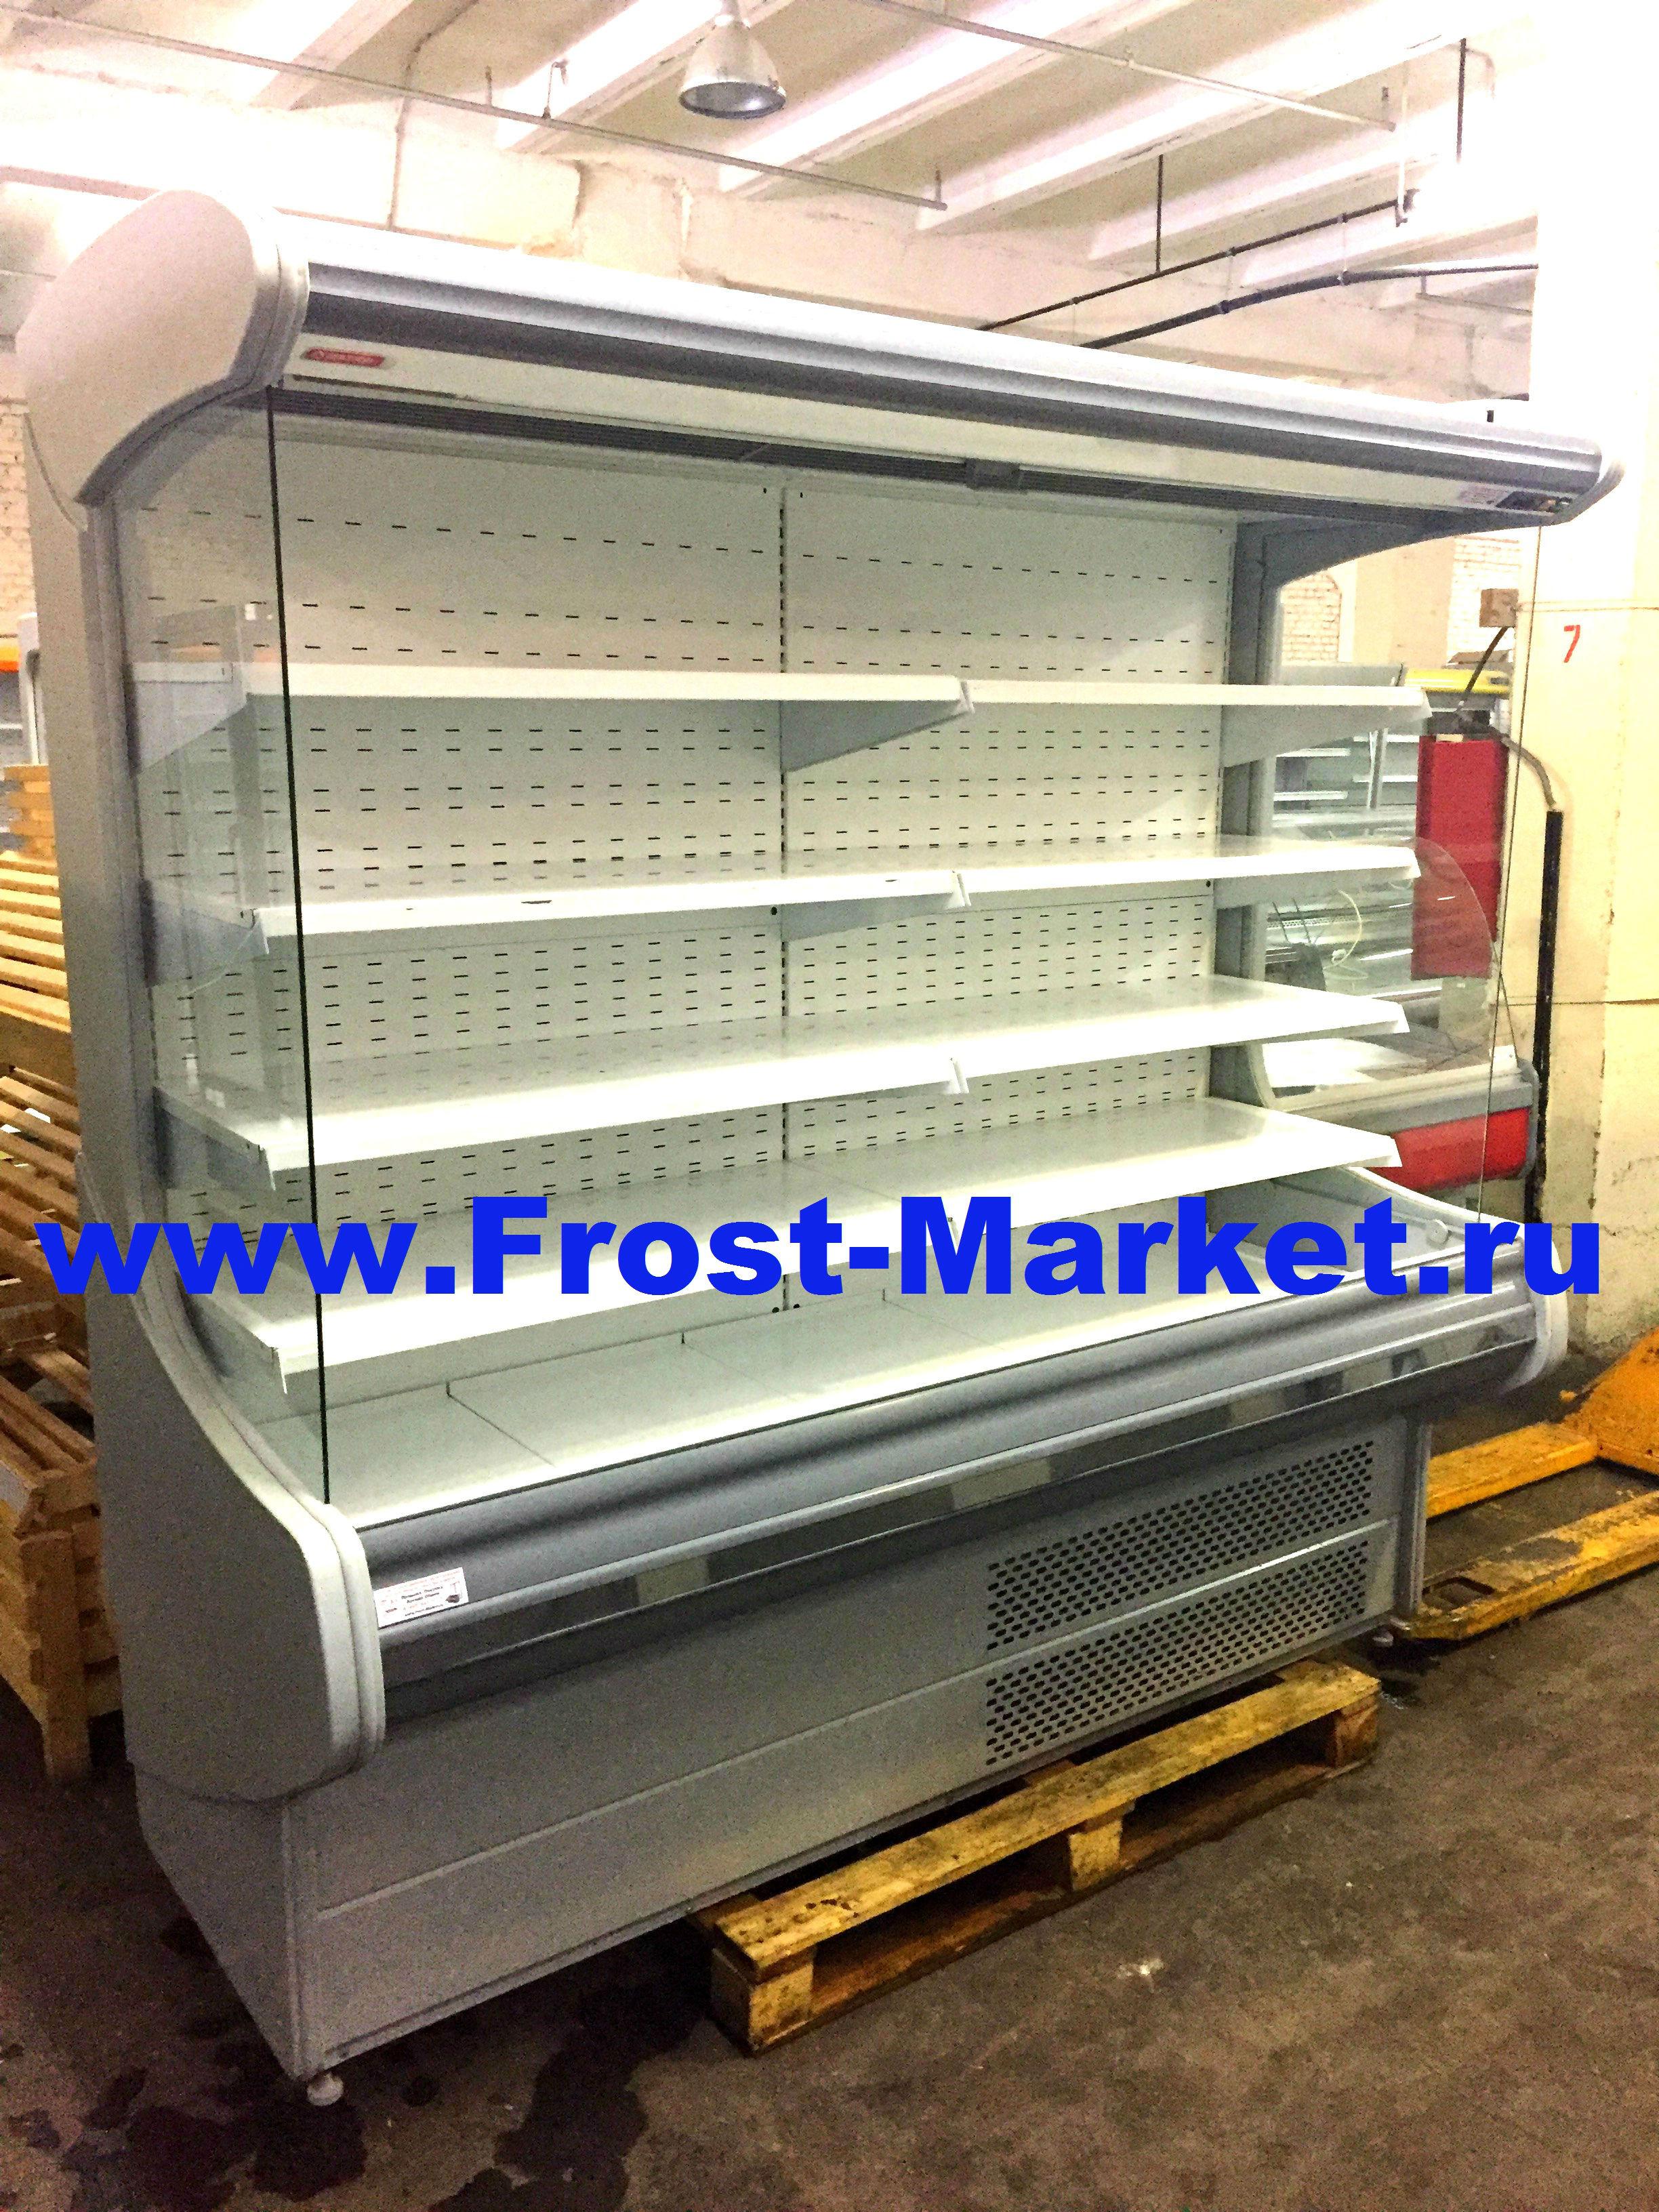 Горка холодильная гастрономическая б у Ариада Виолетта ВС 15-200